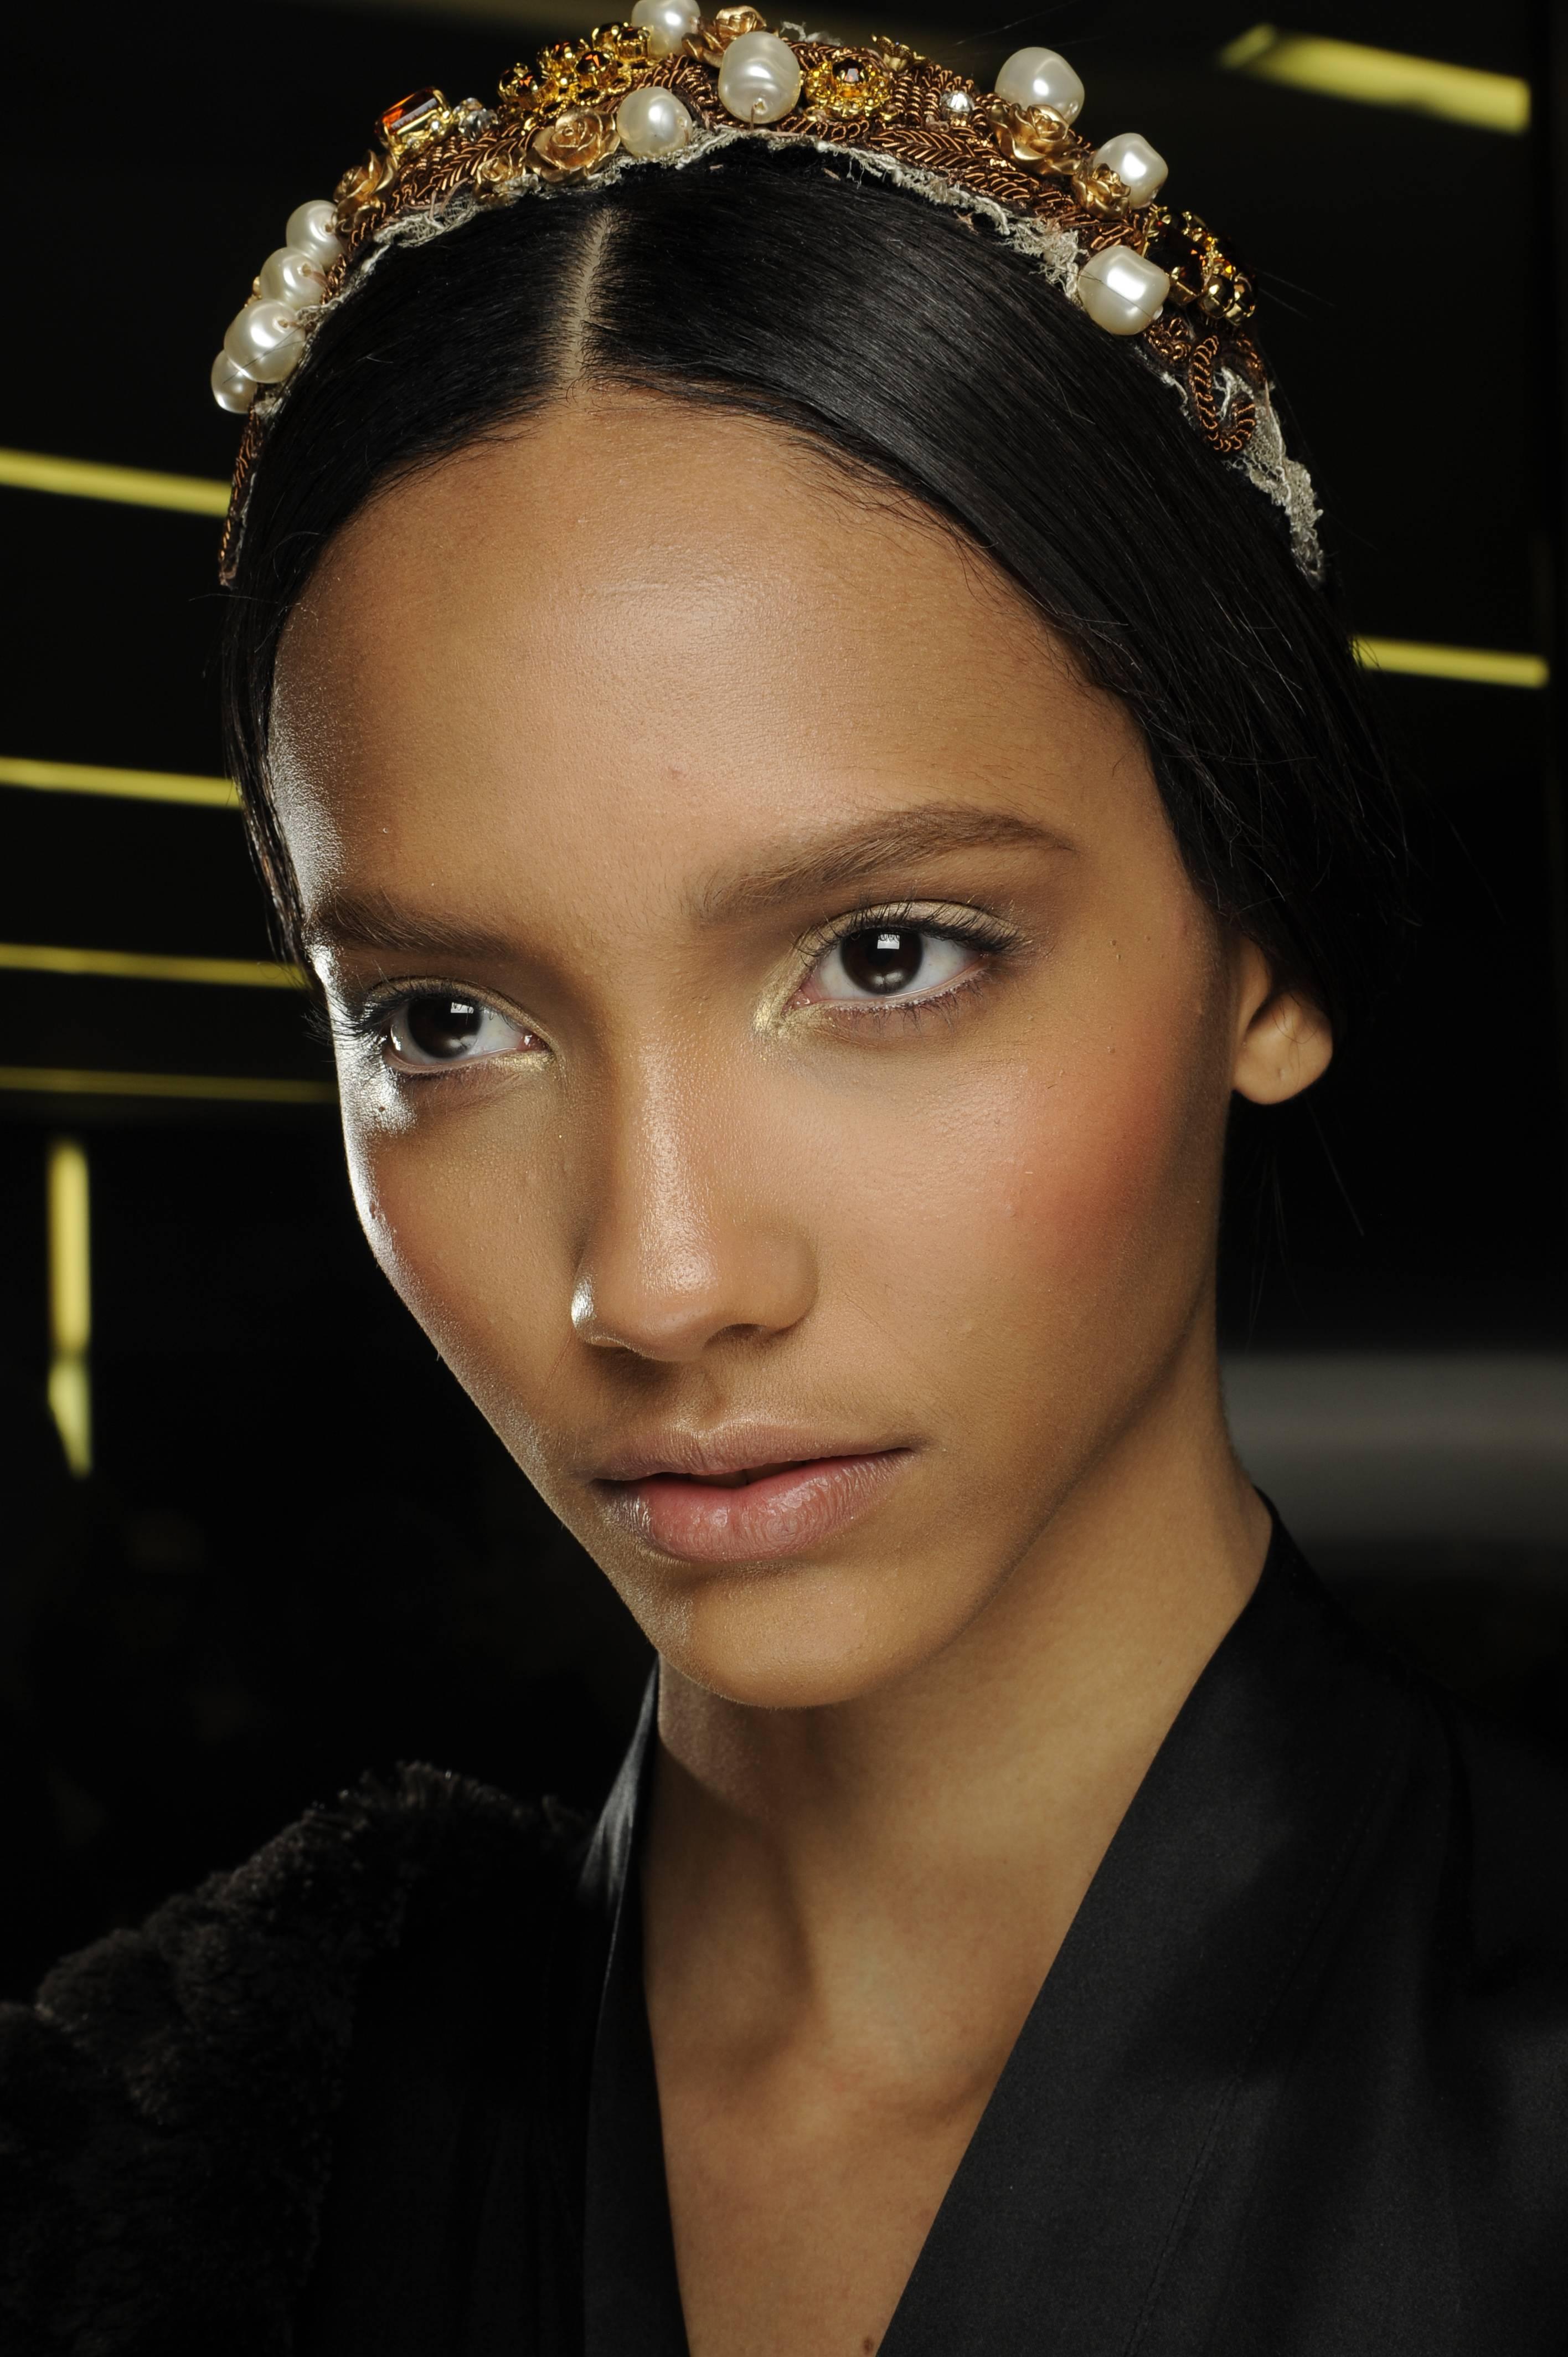 D&G The Makeup Beauty Shot